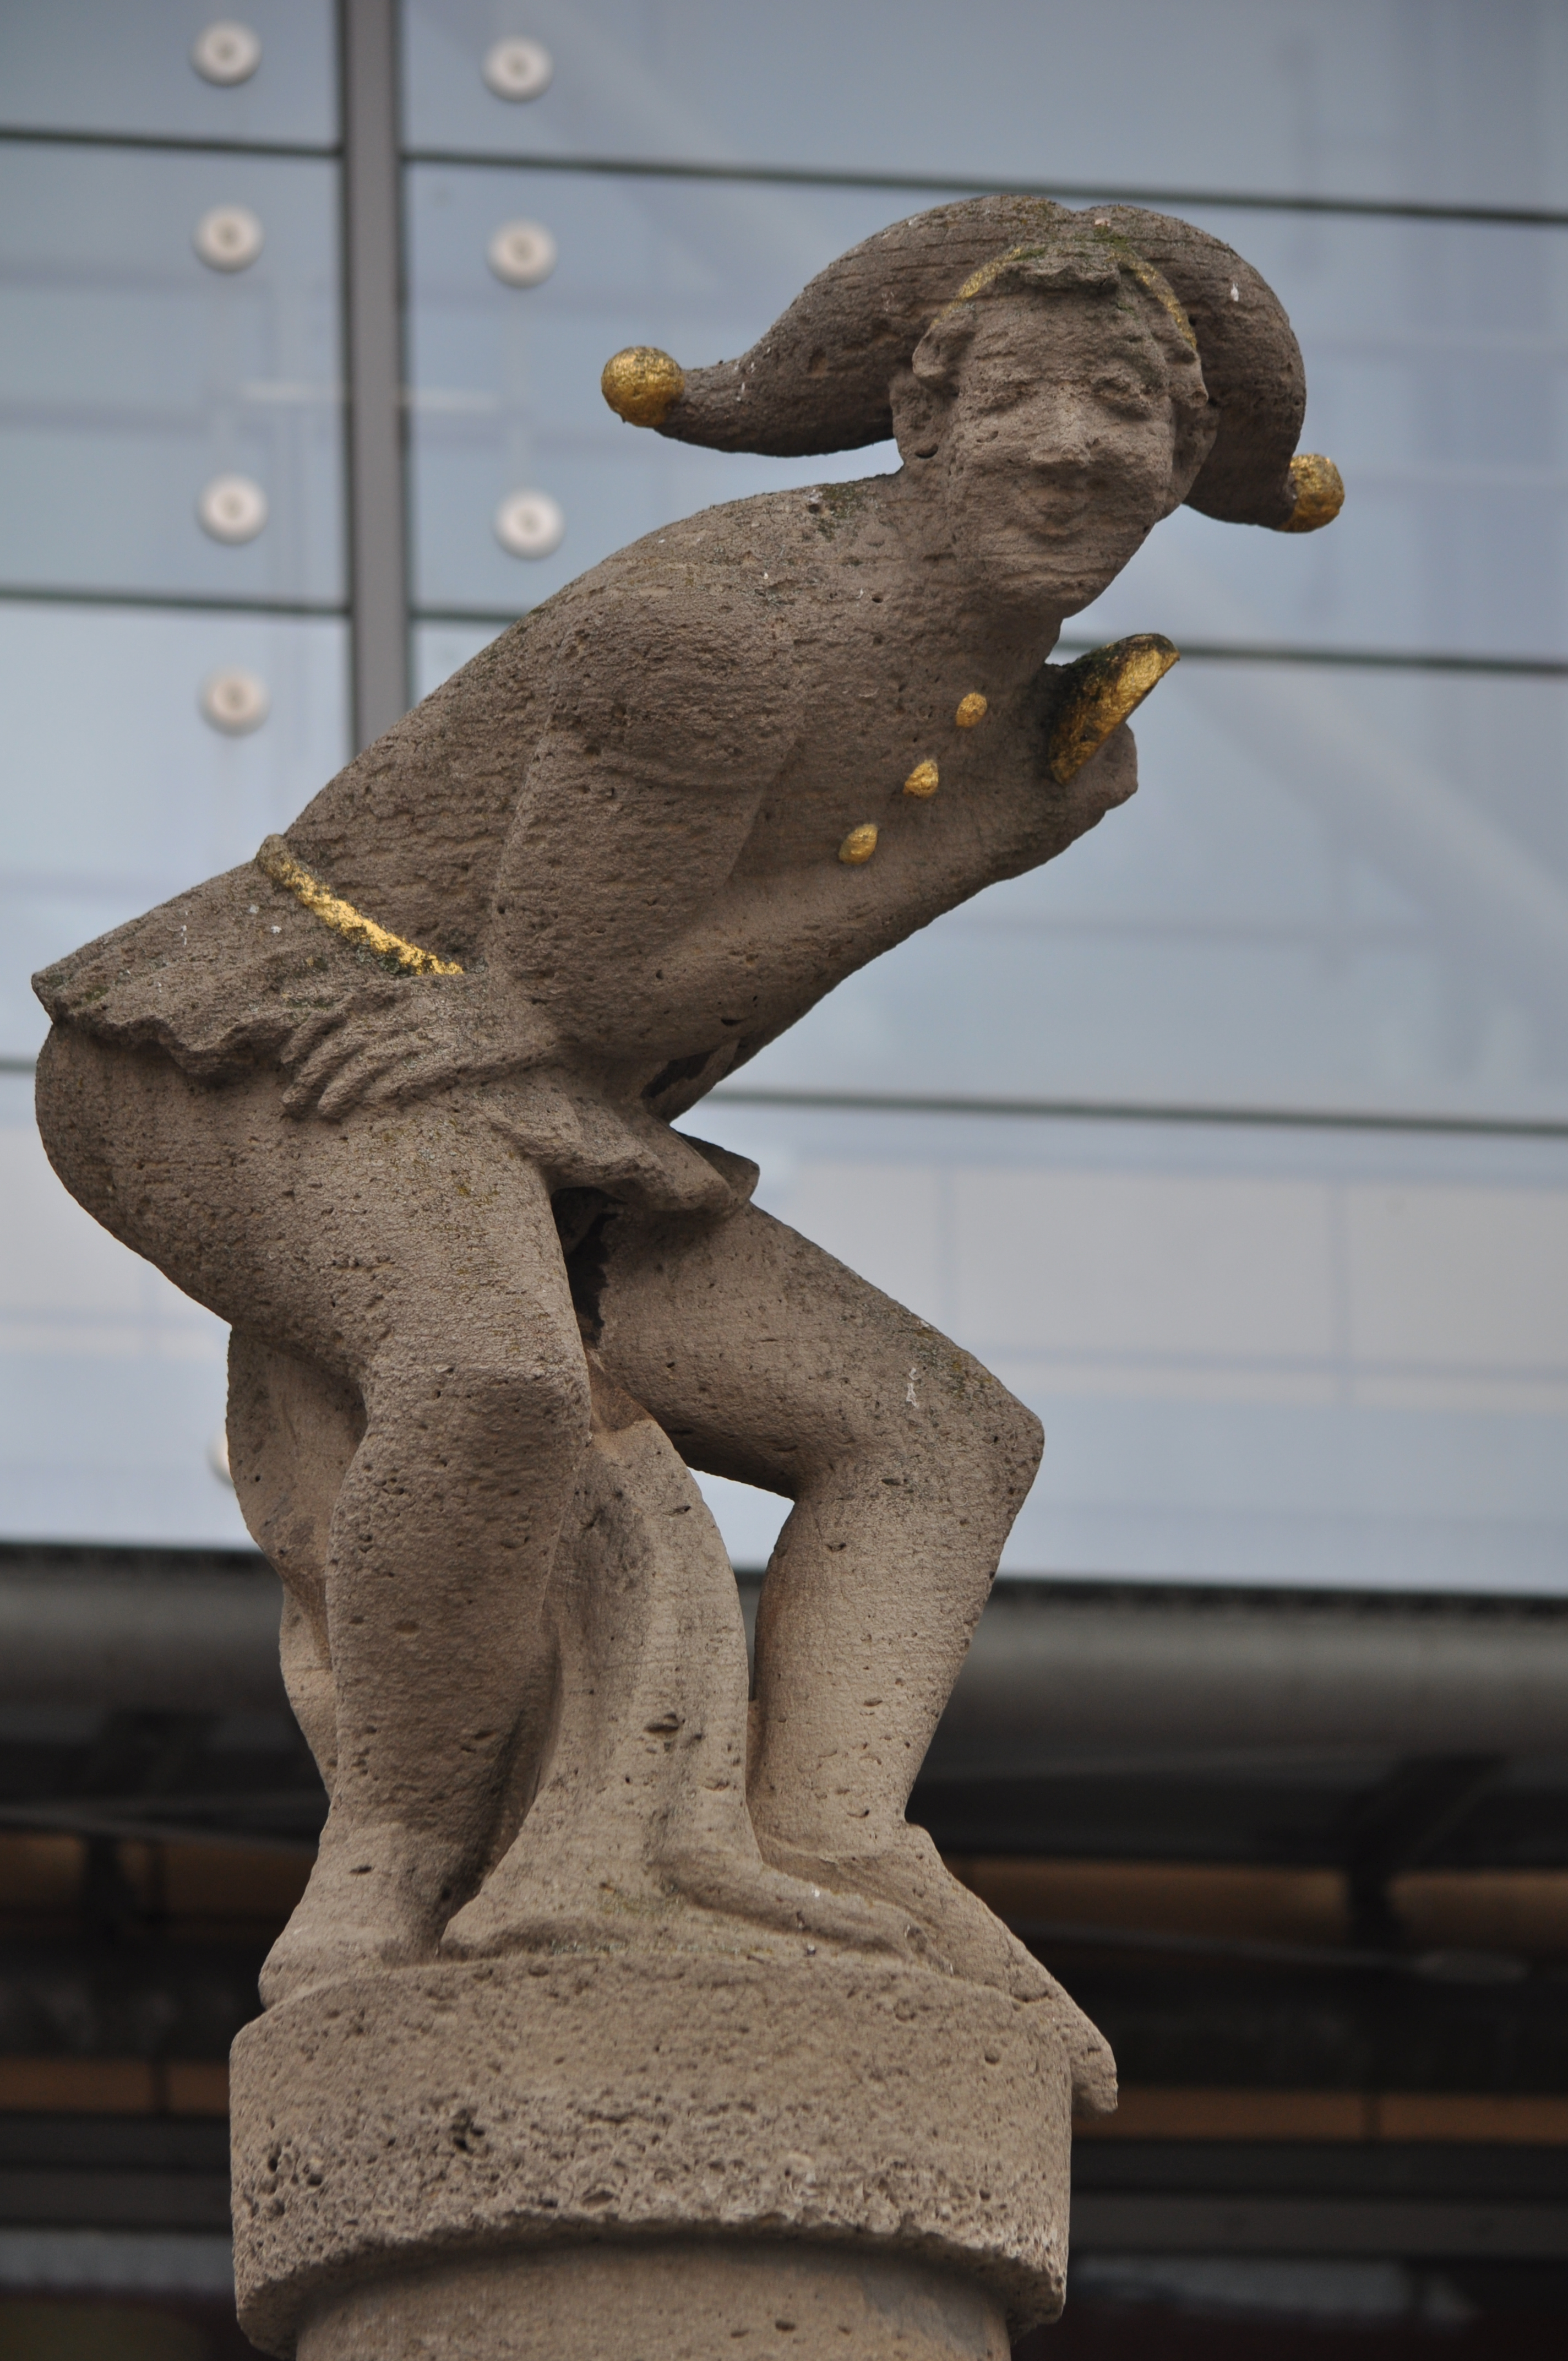 Statue auf dem Eulenspiegelbrunnen in Magdeburg-Altstadt, © Ajepbah / Wikimedia Commons / Lizenz: CC-BY-SA-3.0 DE, https://commons.wikimedia.org/wiki/File:Eulenspiegelbrunnen_(Magdeburg-Altstadt).ajb.jpg, Cliquer sur la photo pour une vue agrandie et quelques infos